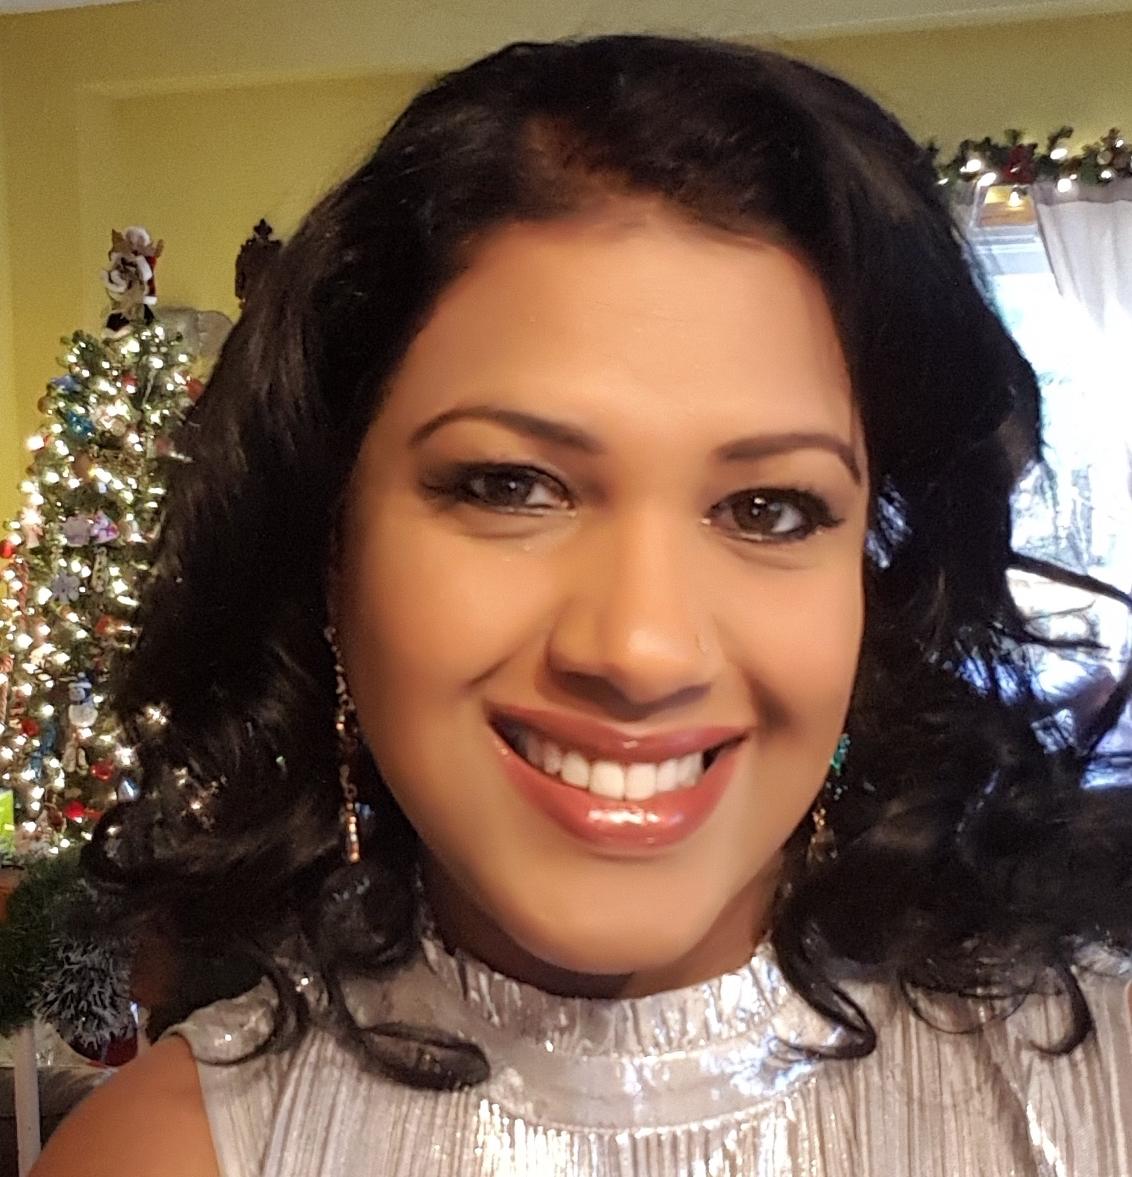 Priya Hawkins